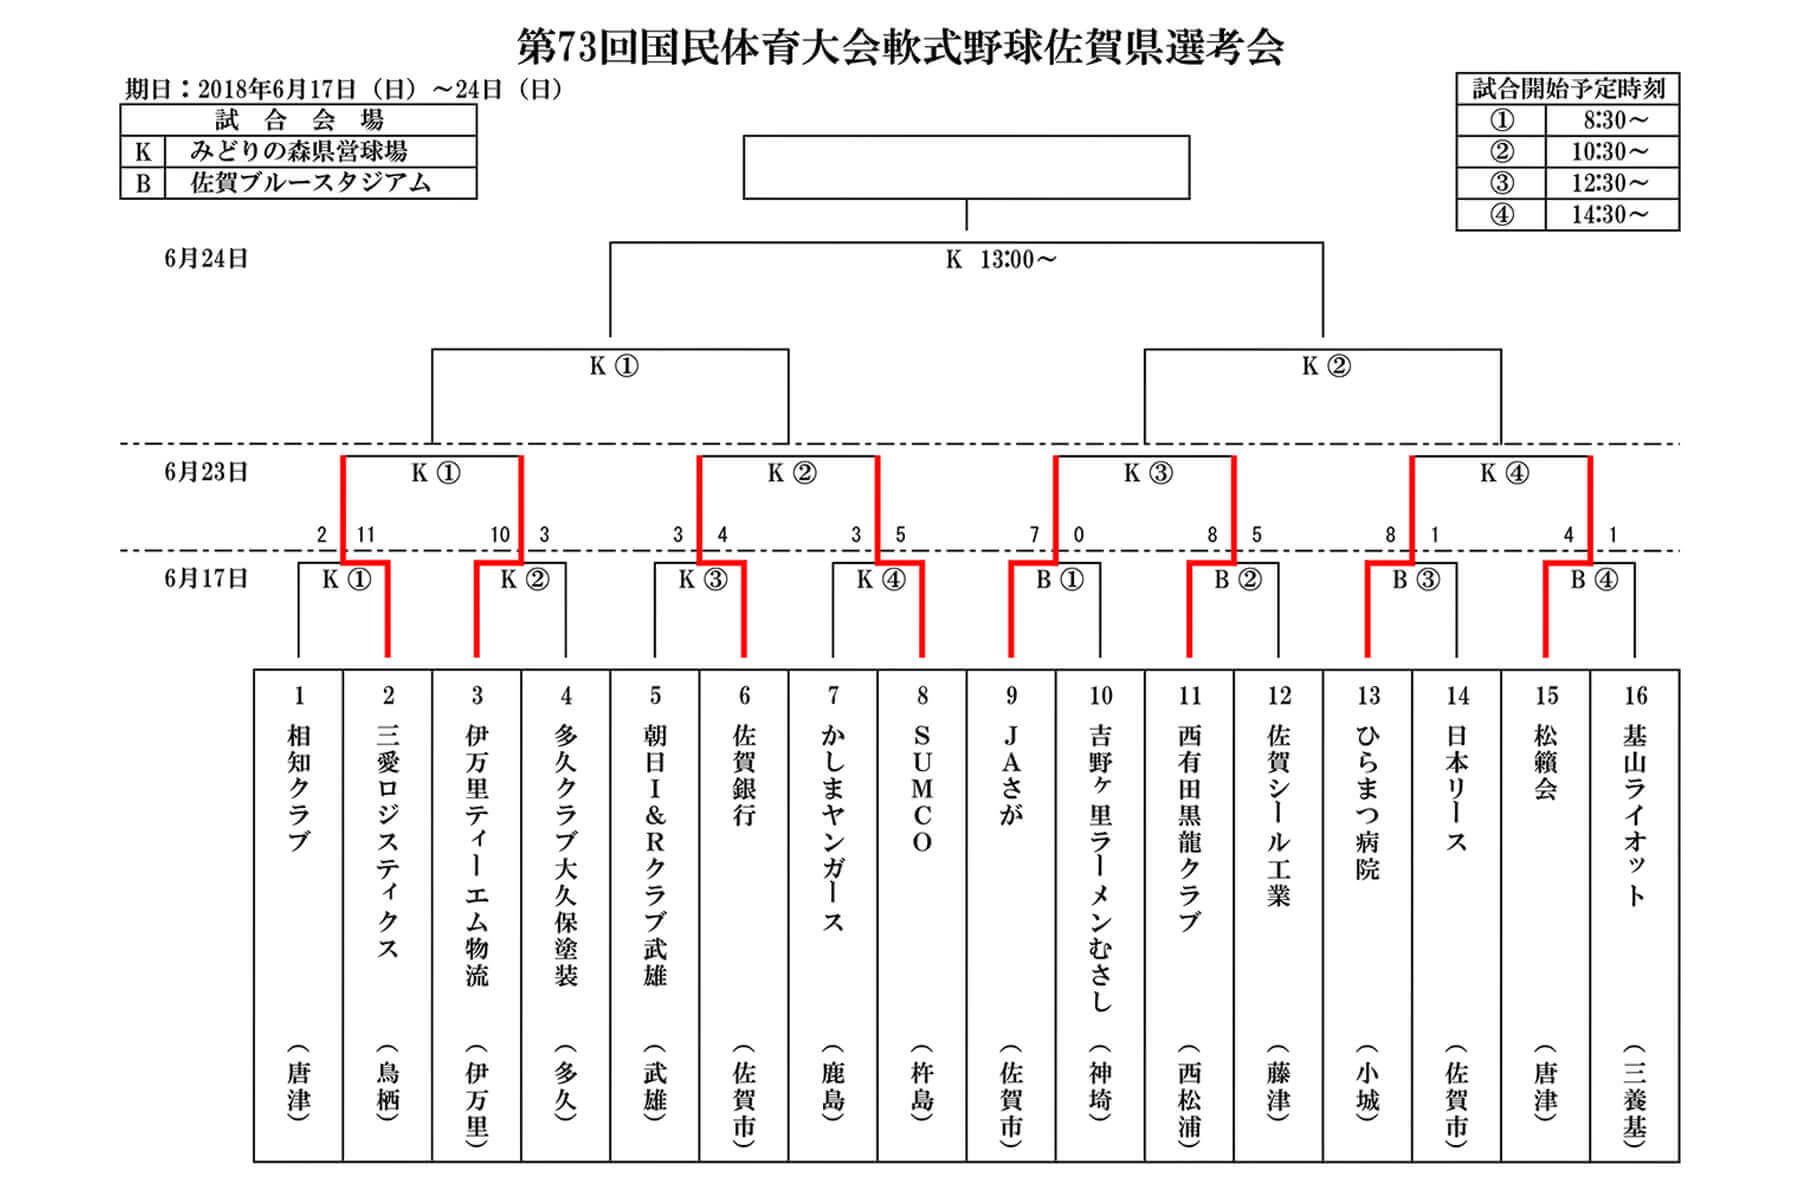 「第73回国民体育大会軟式野球佐賀県選考会」試合結果